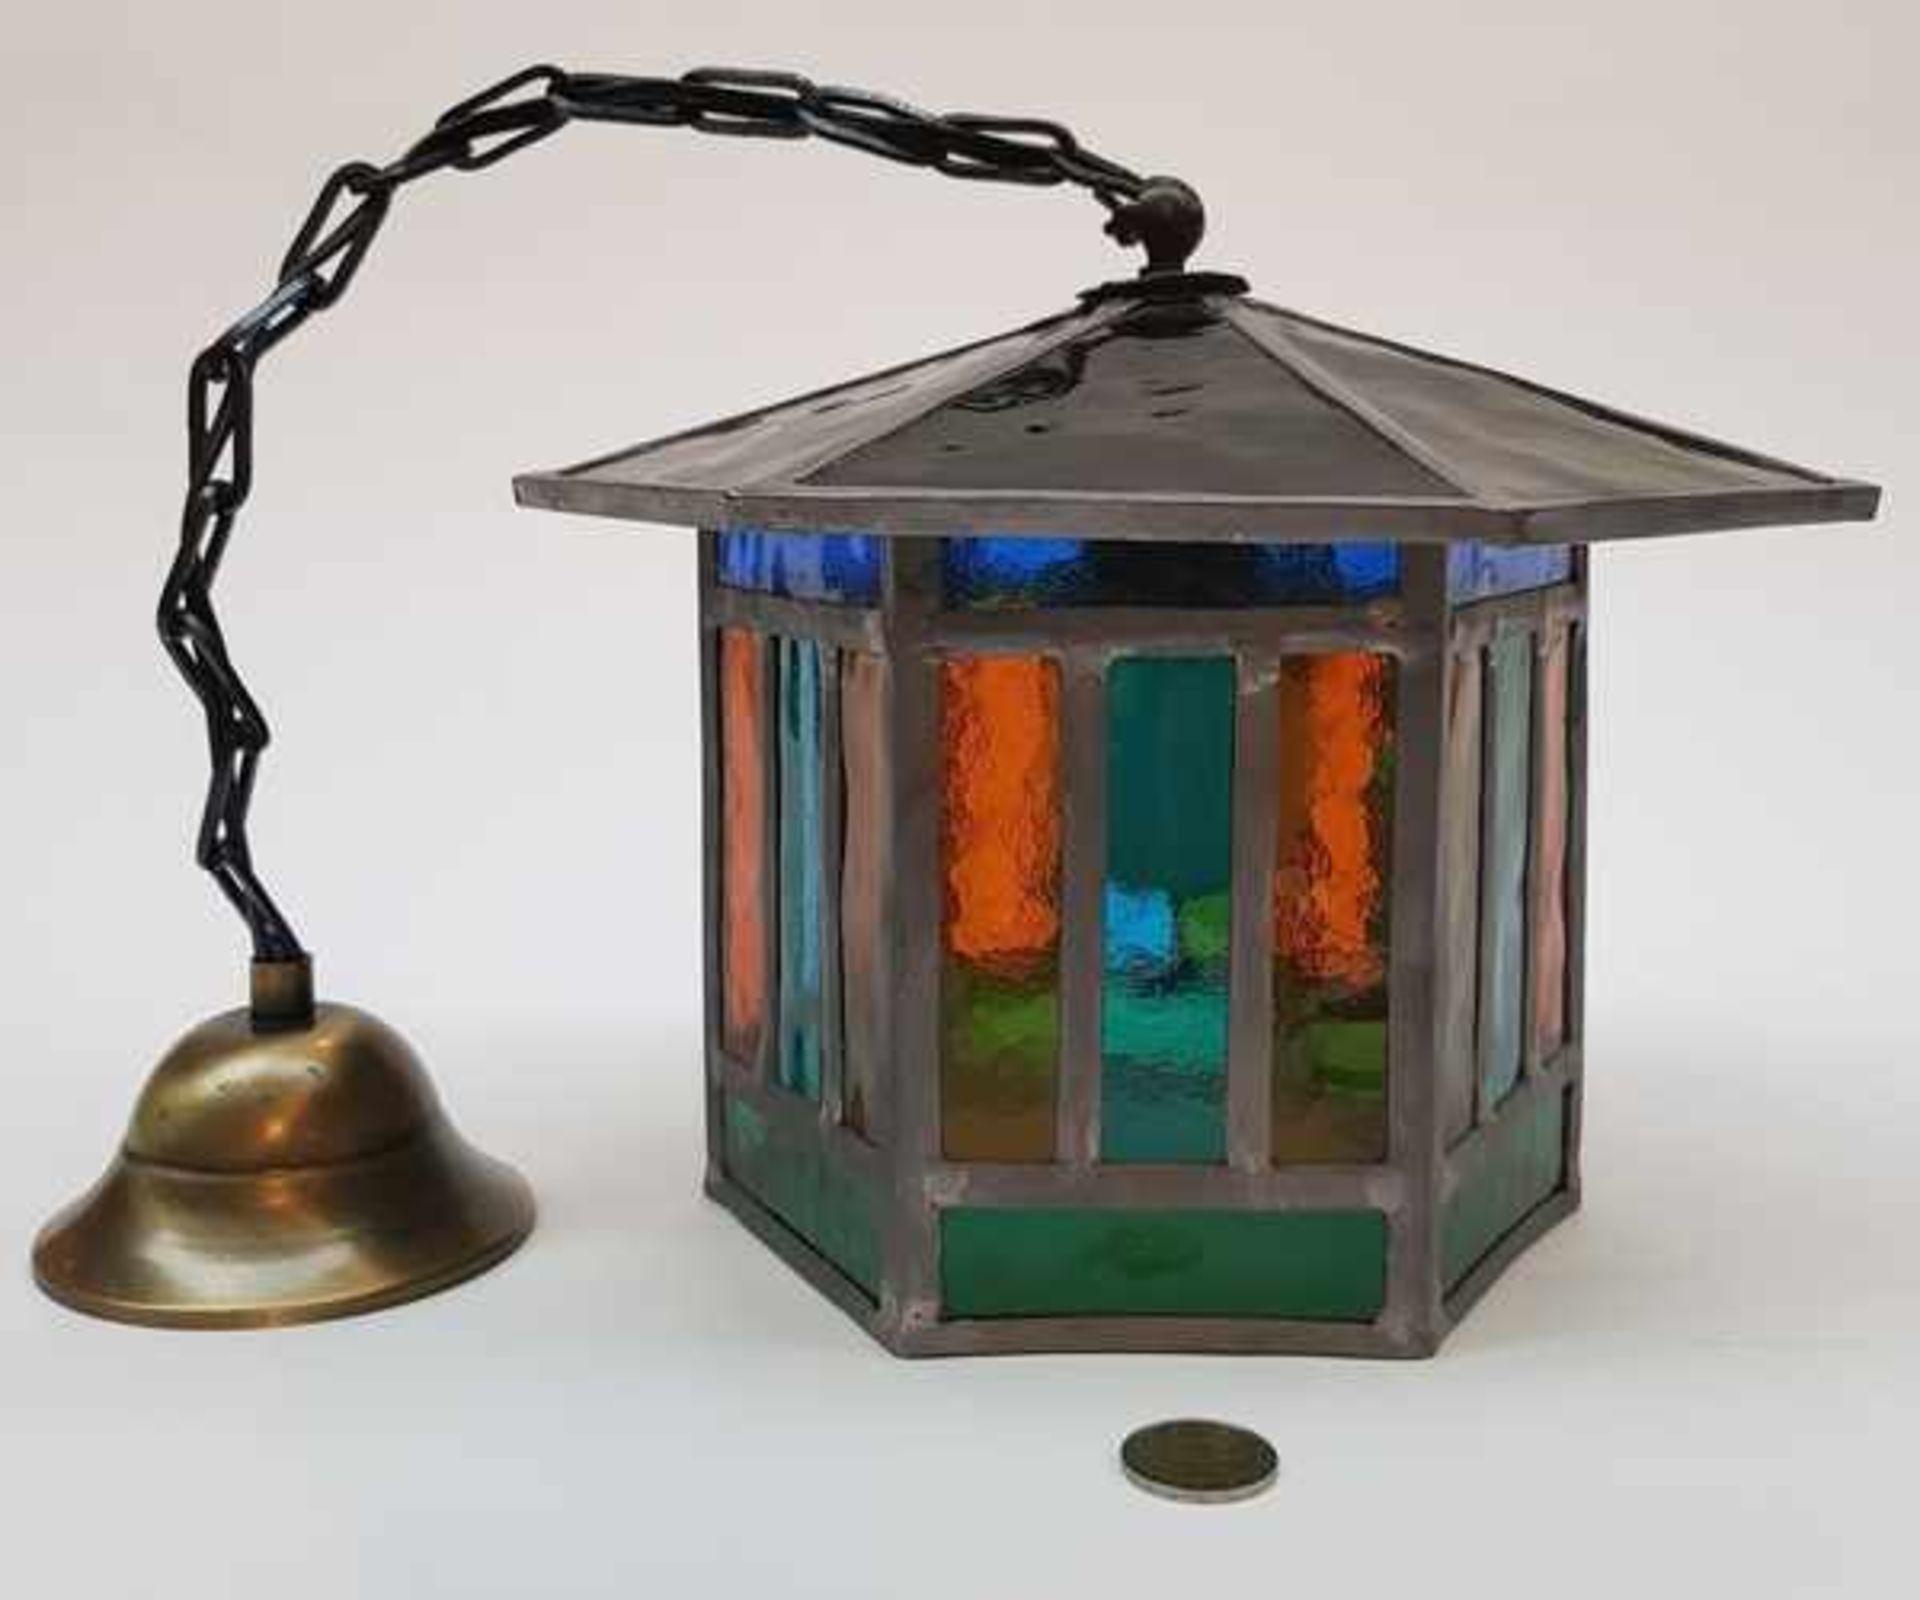 (Curiosa) Lamp glas in lood - Bild 4 aus 6